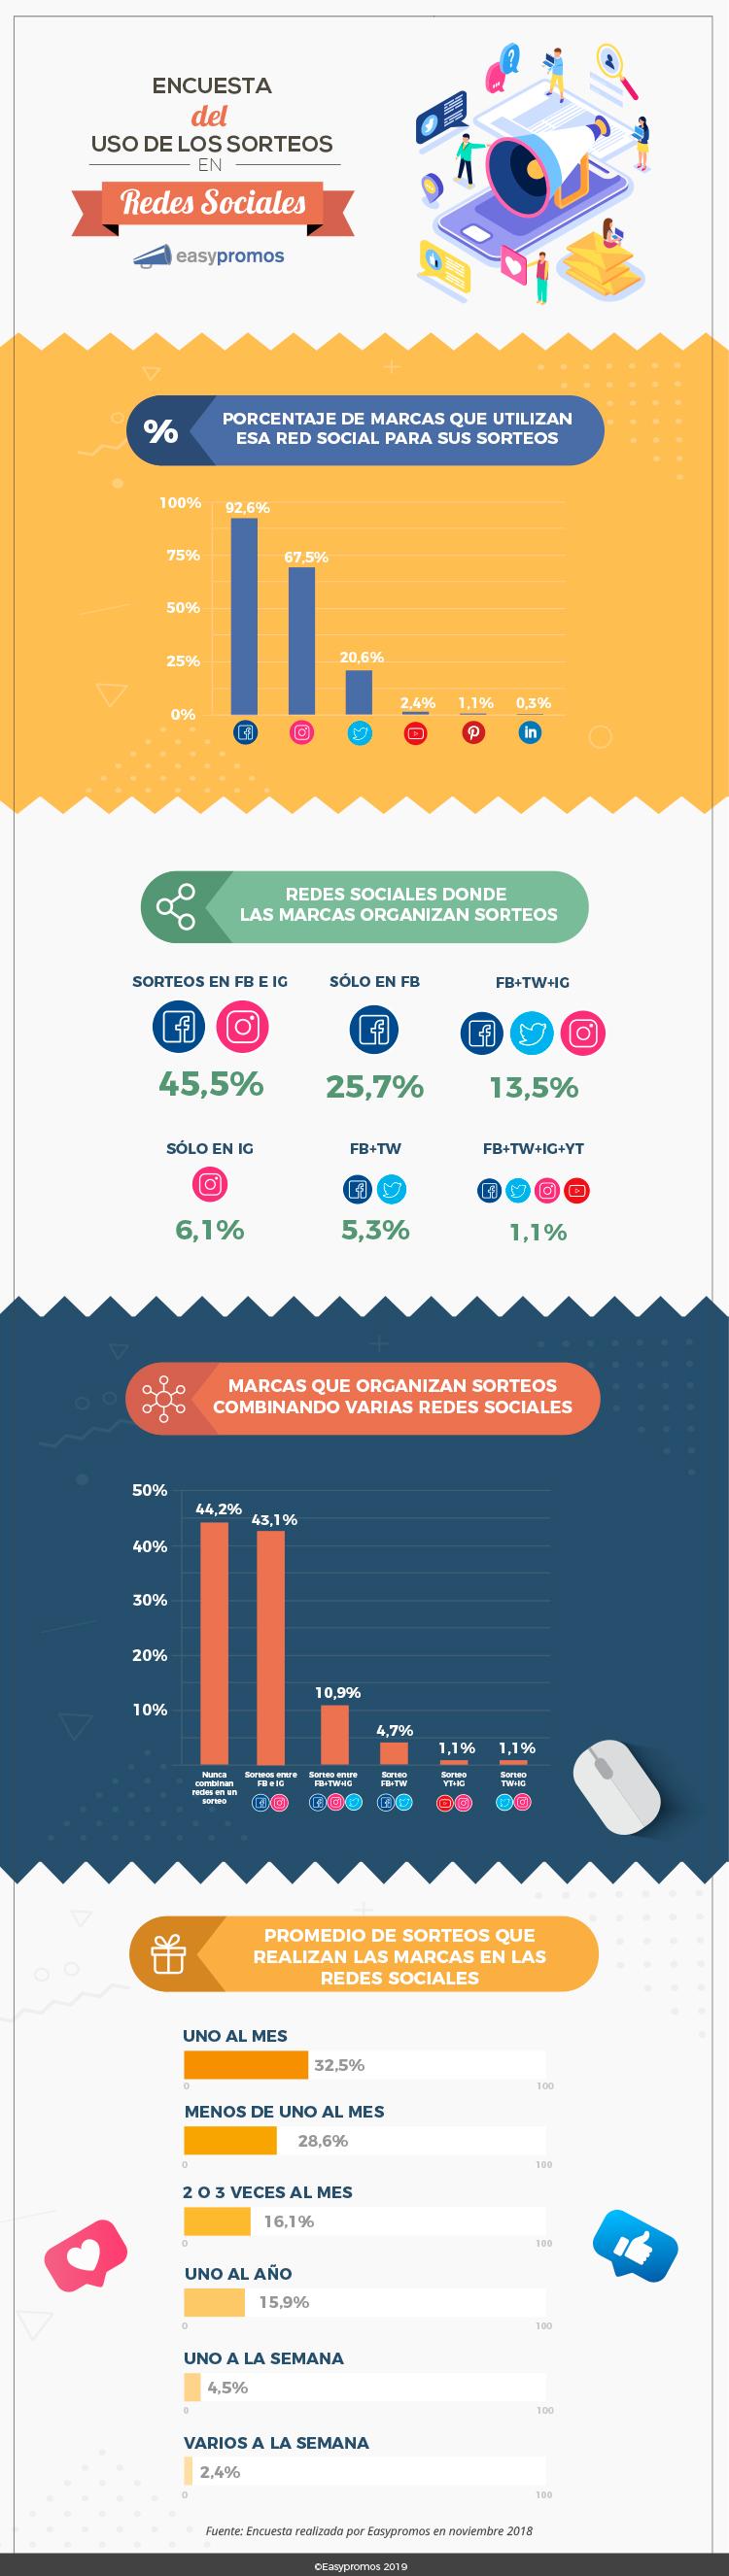 Los sorteos en las Redes Sociales